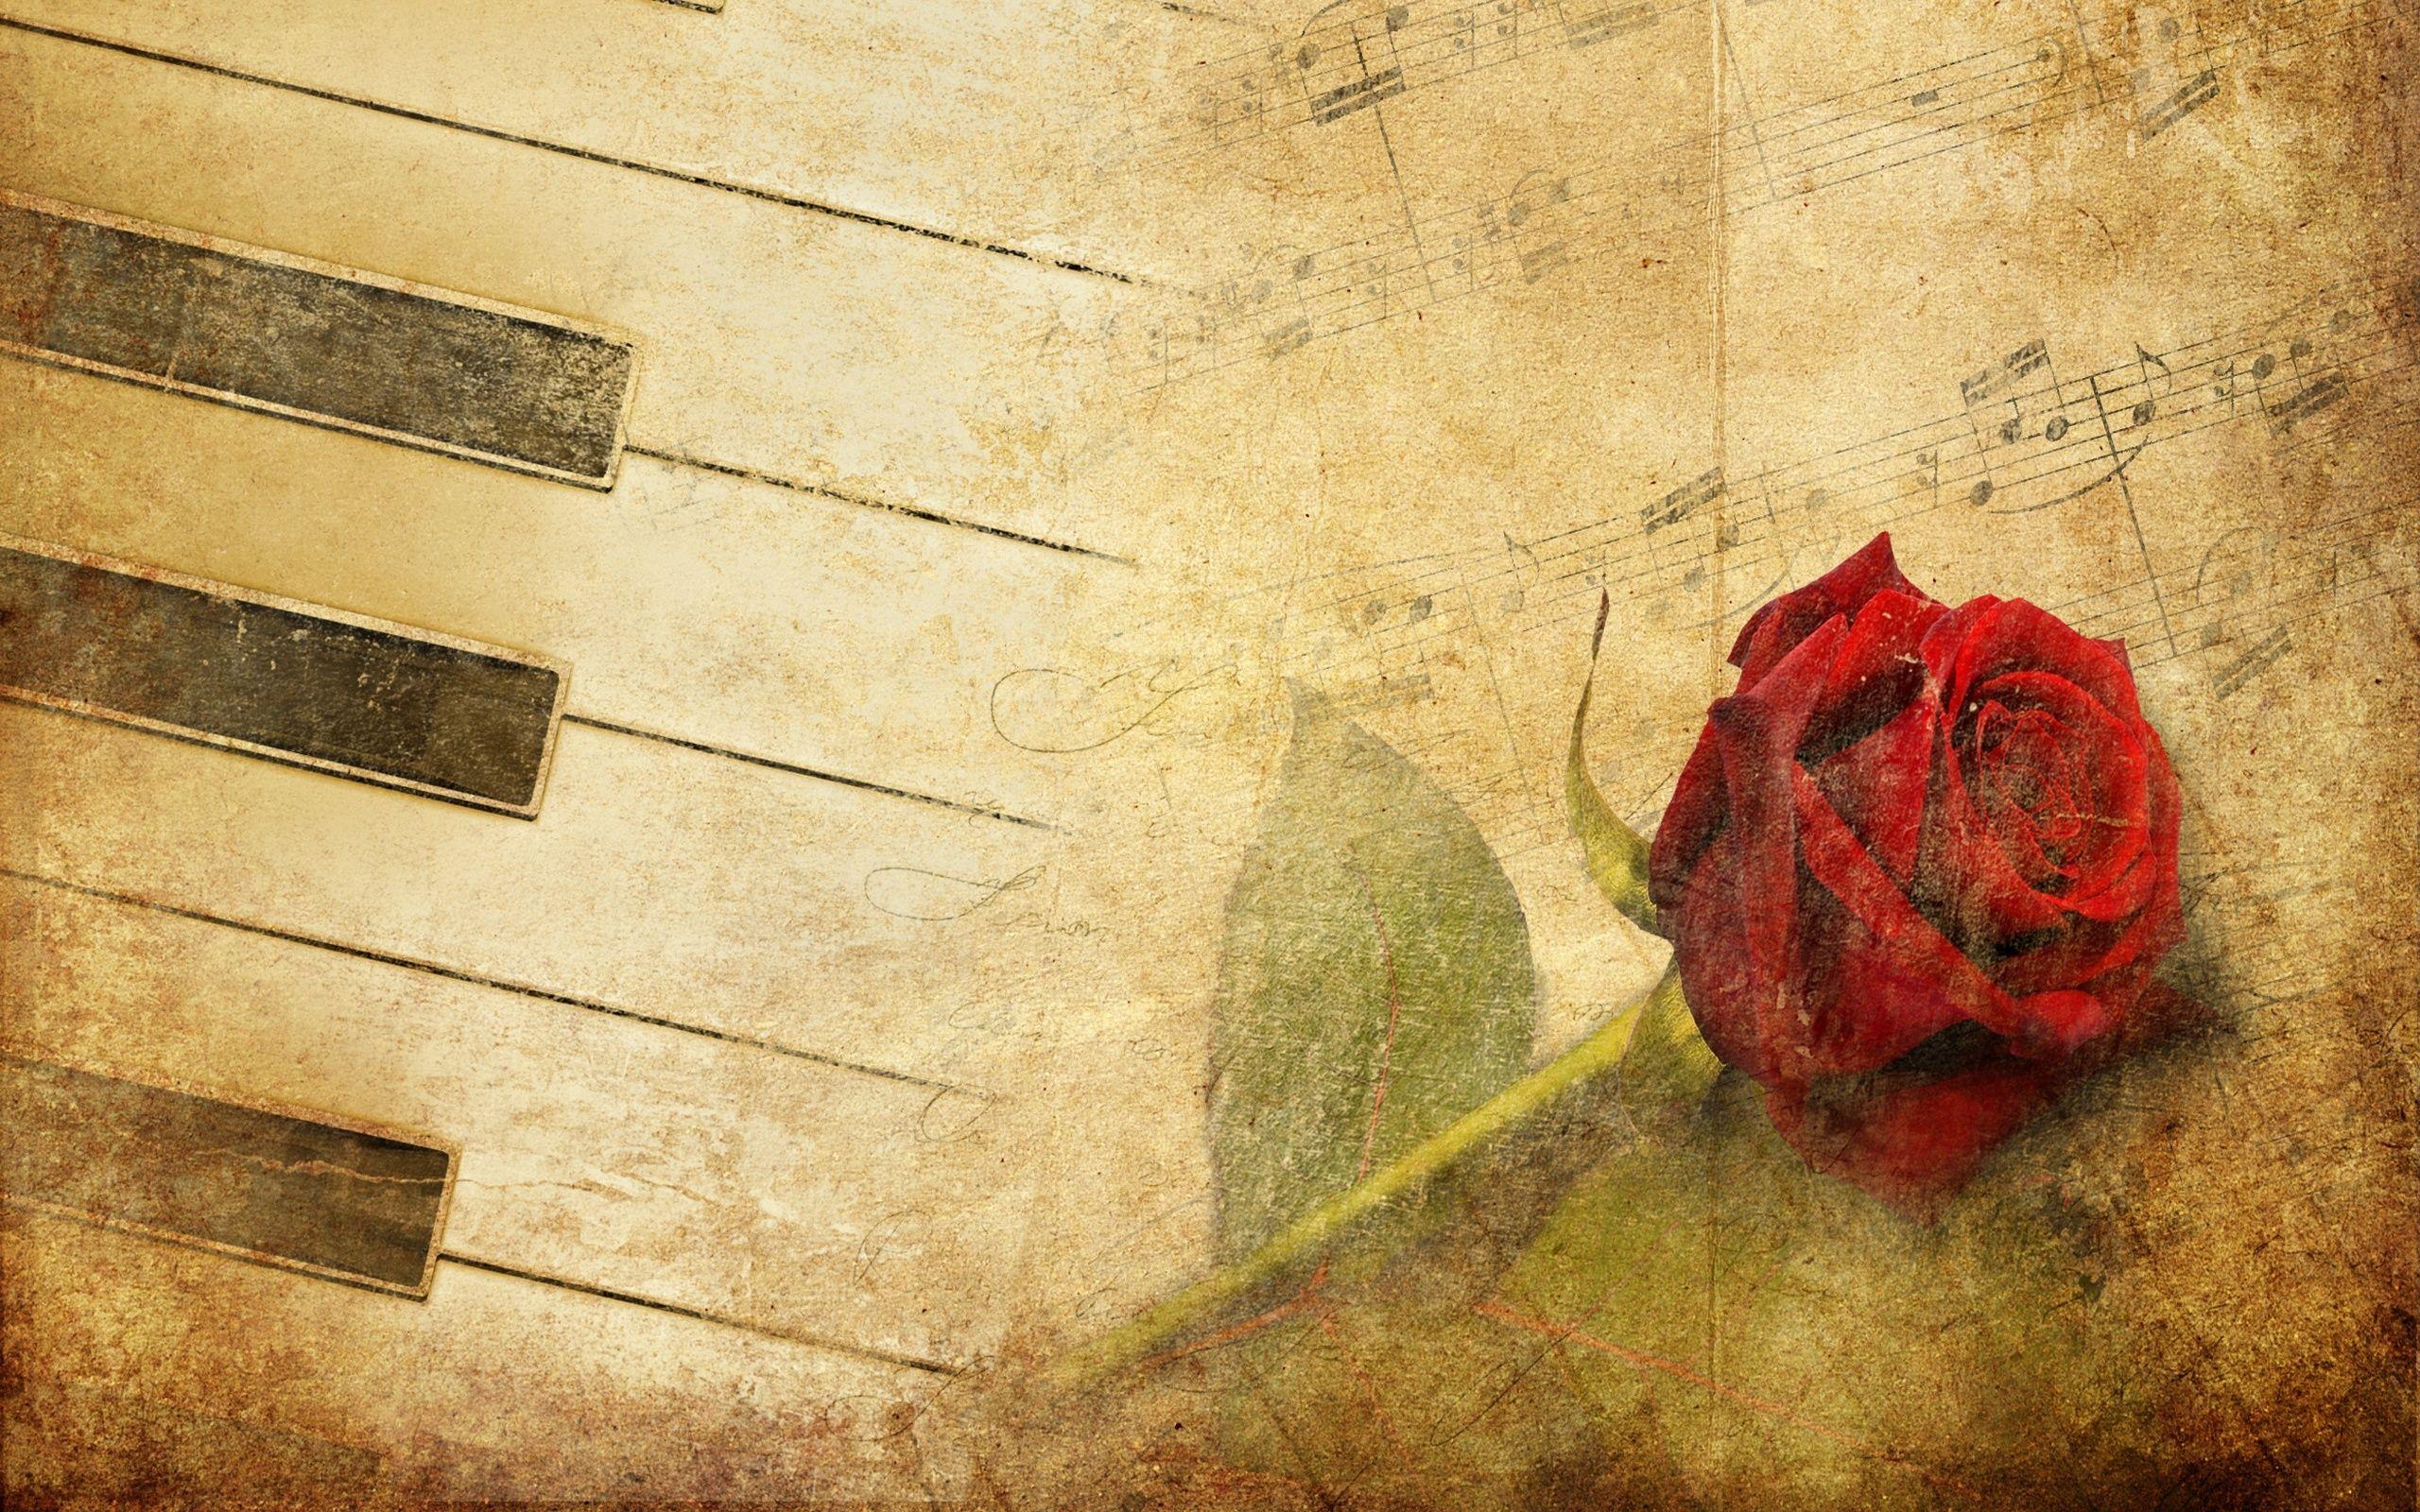 vintage-sheet-music-free-desktop-wallpaper-2560x1600.jpg ...